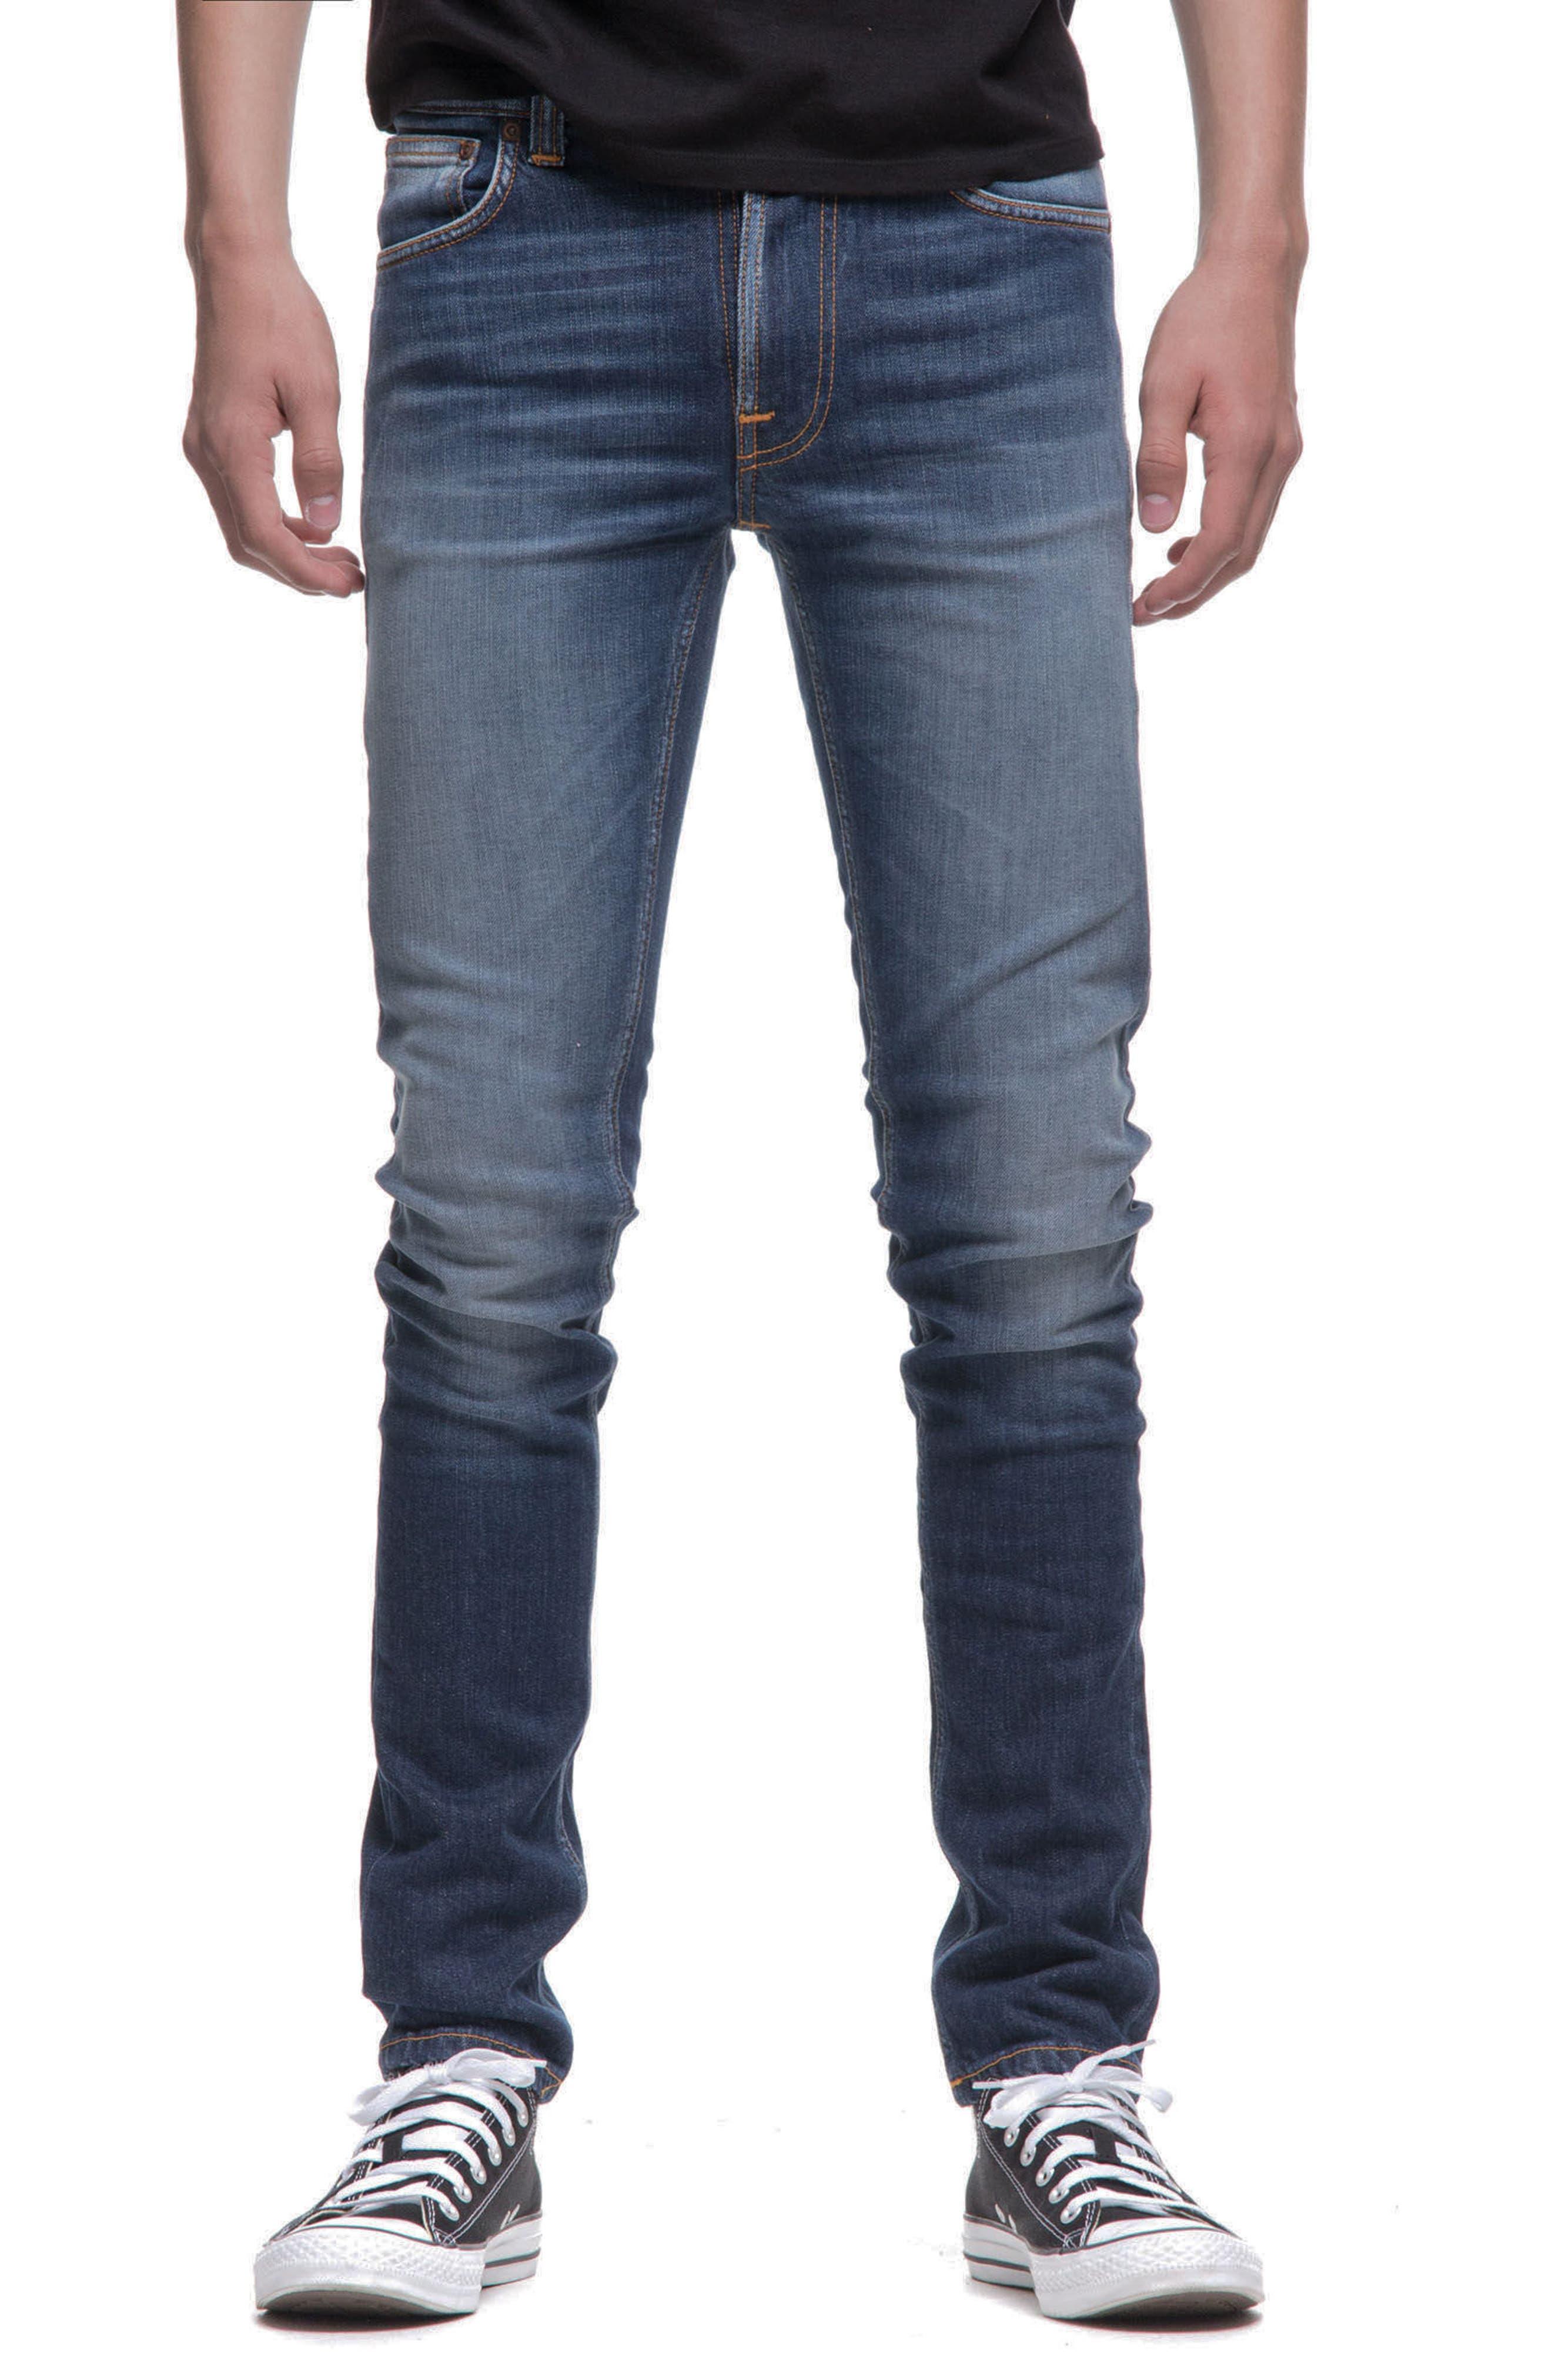 Lean Dean Slouchy Slim Fit Jeans,                             Main thumbnail 1, color,